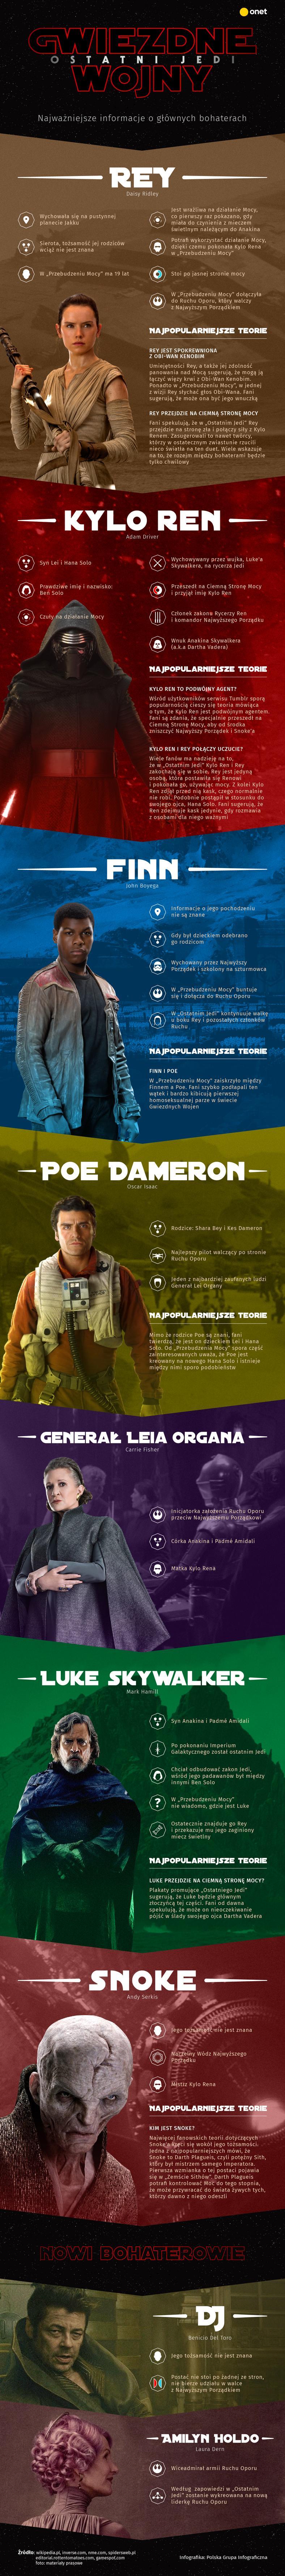 """""""Gwiezdne wojny: Ostatni Jedi"""": kim są bohaterowie nowej części? [INFOGRAFIKA]"""